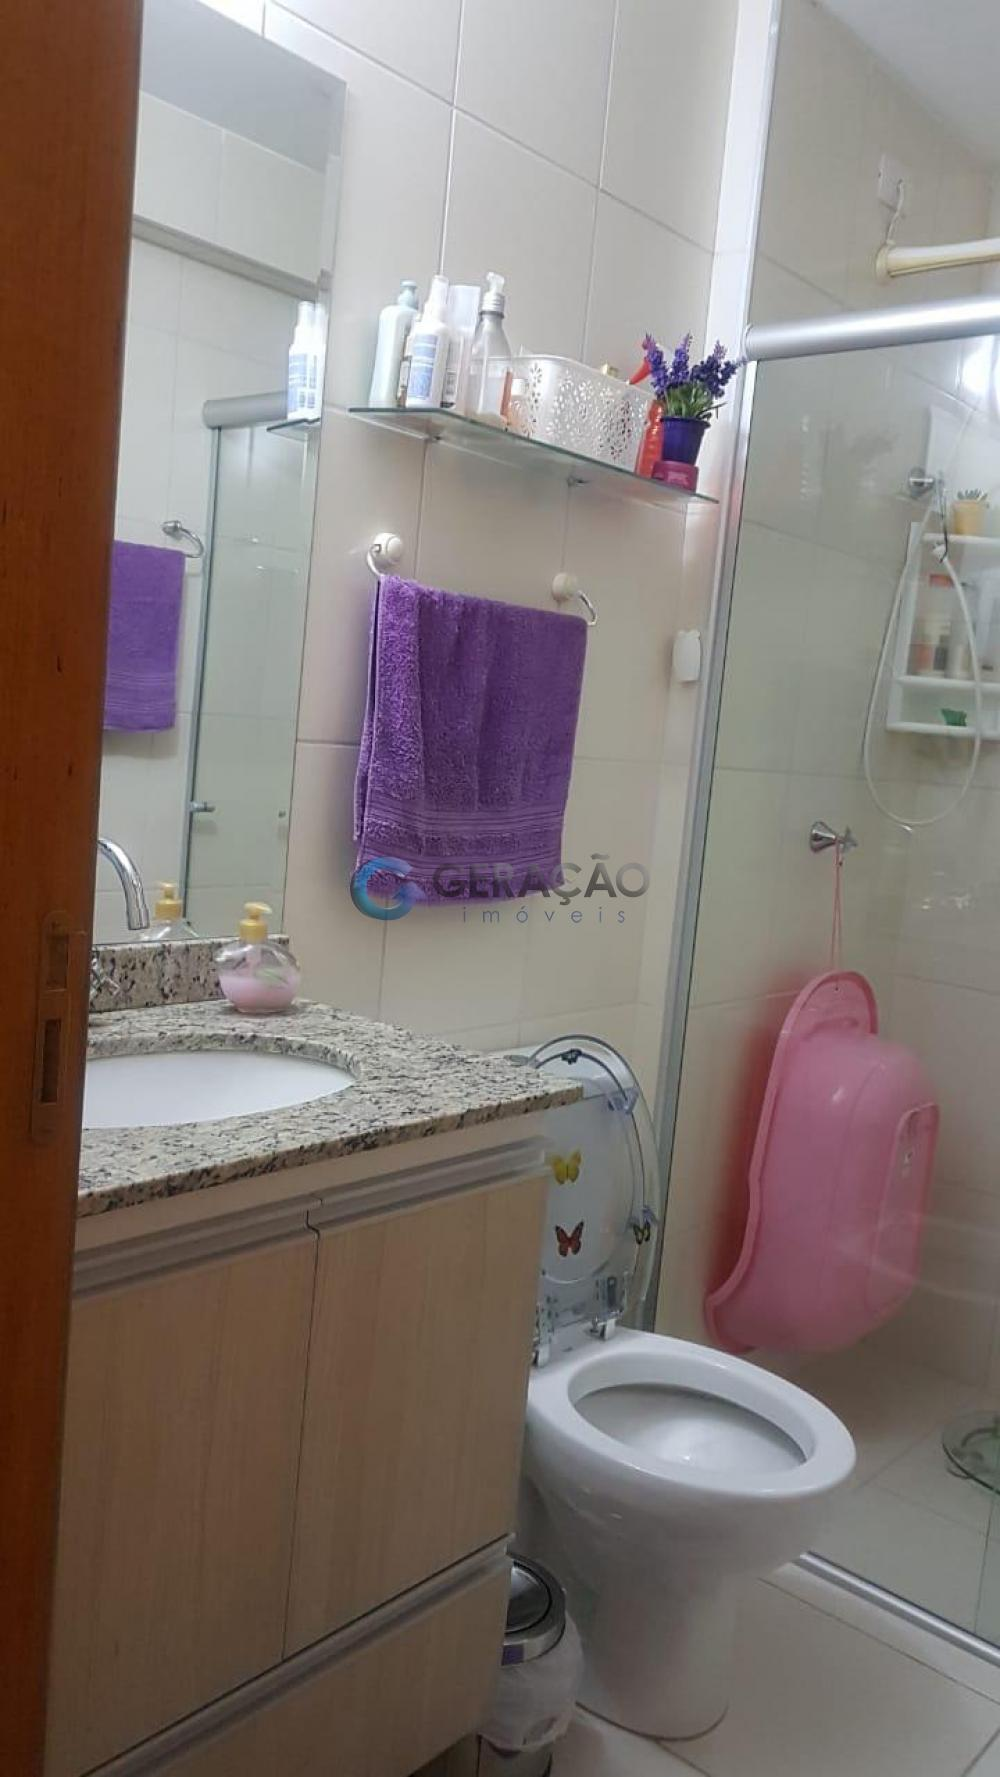 Comprar Apartamento / Padrão em São José dos Campos R$ 340.000,00 - Foto 13